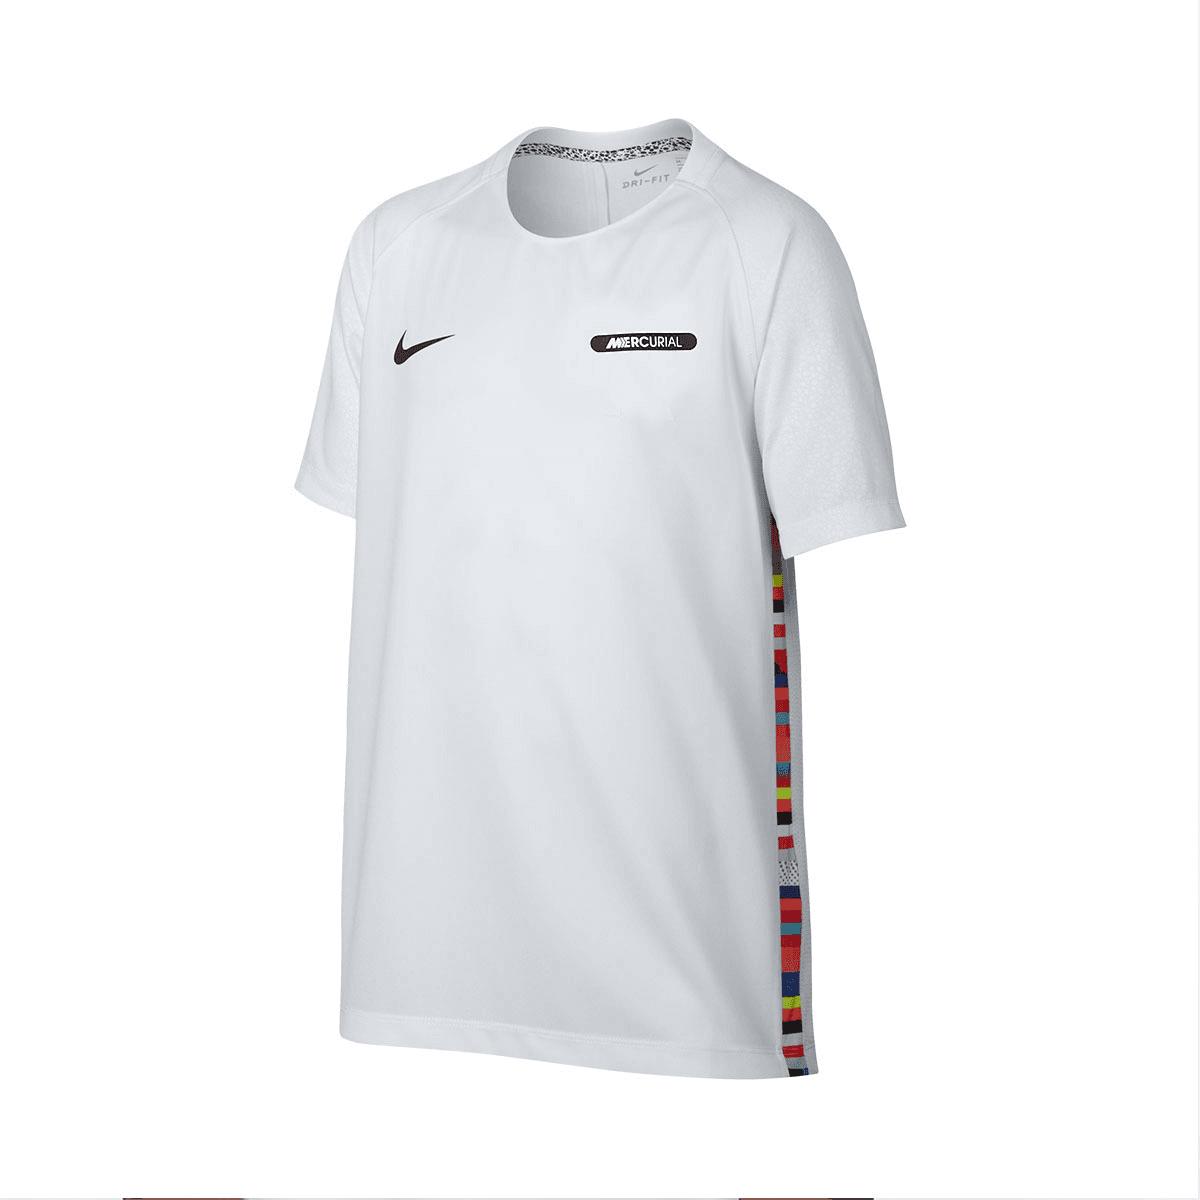 Nike Mercurial CR7 gyerek tréningpóló fehérfekete Futball áruház